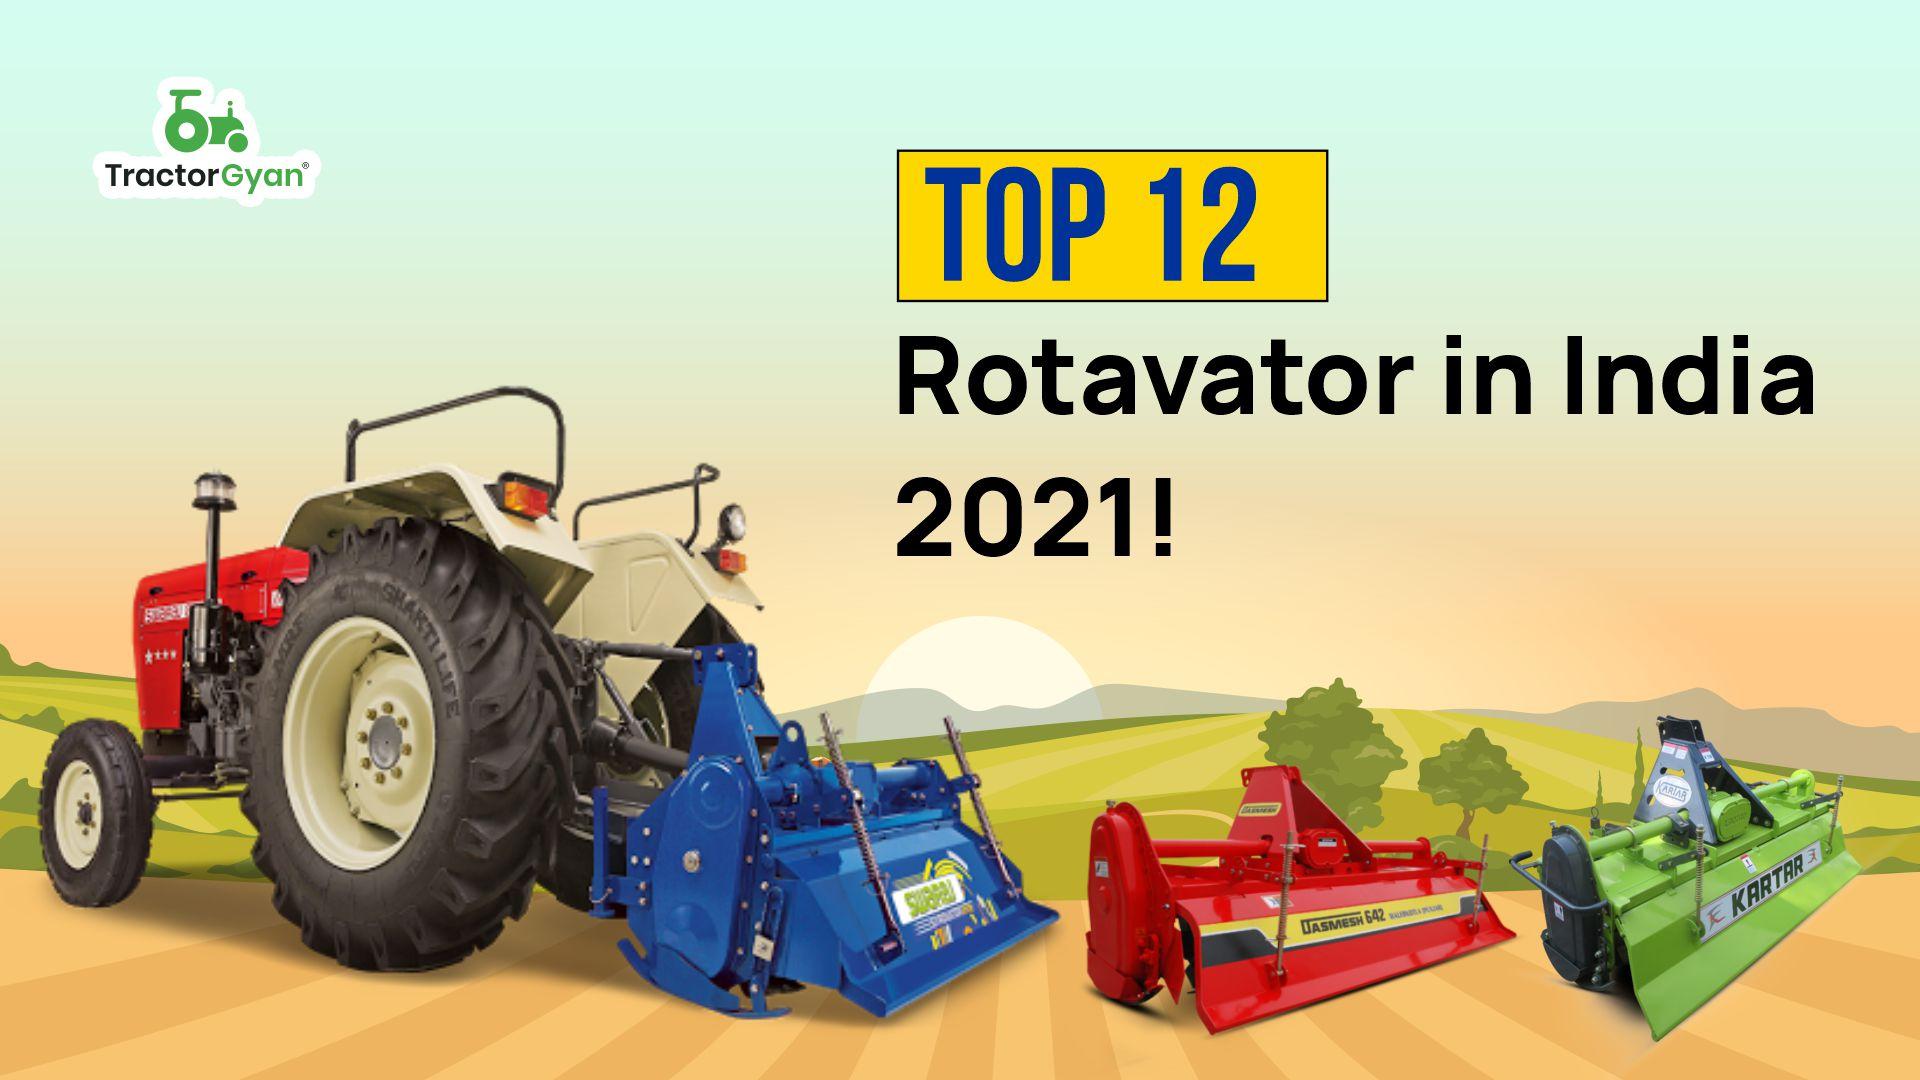 Top 12 Rotavator in India 2021!